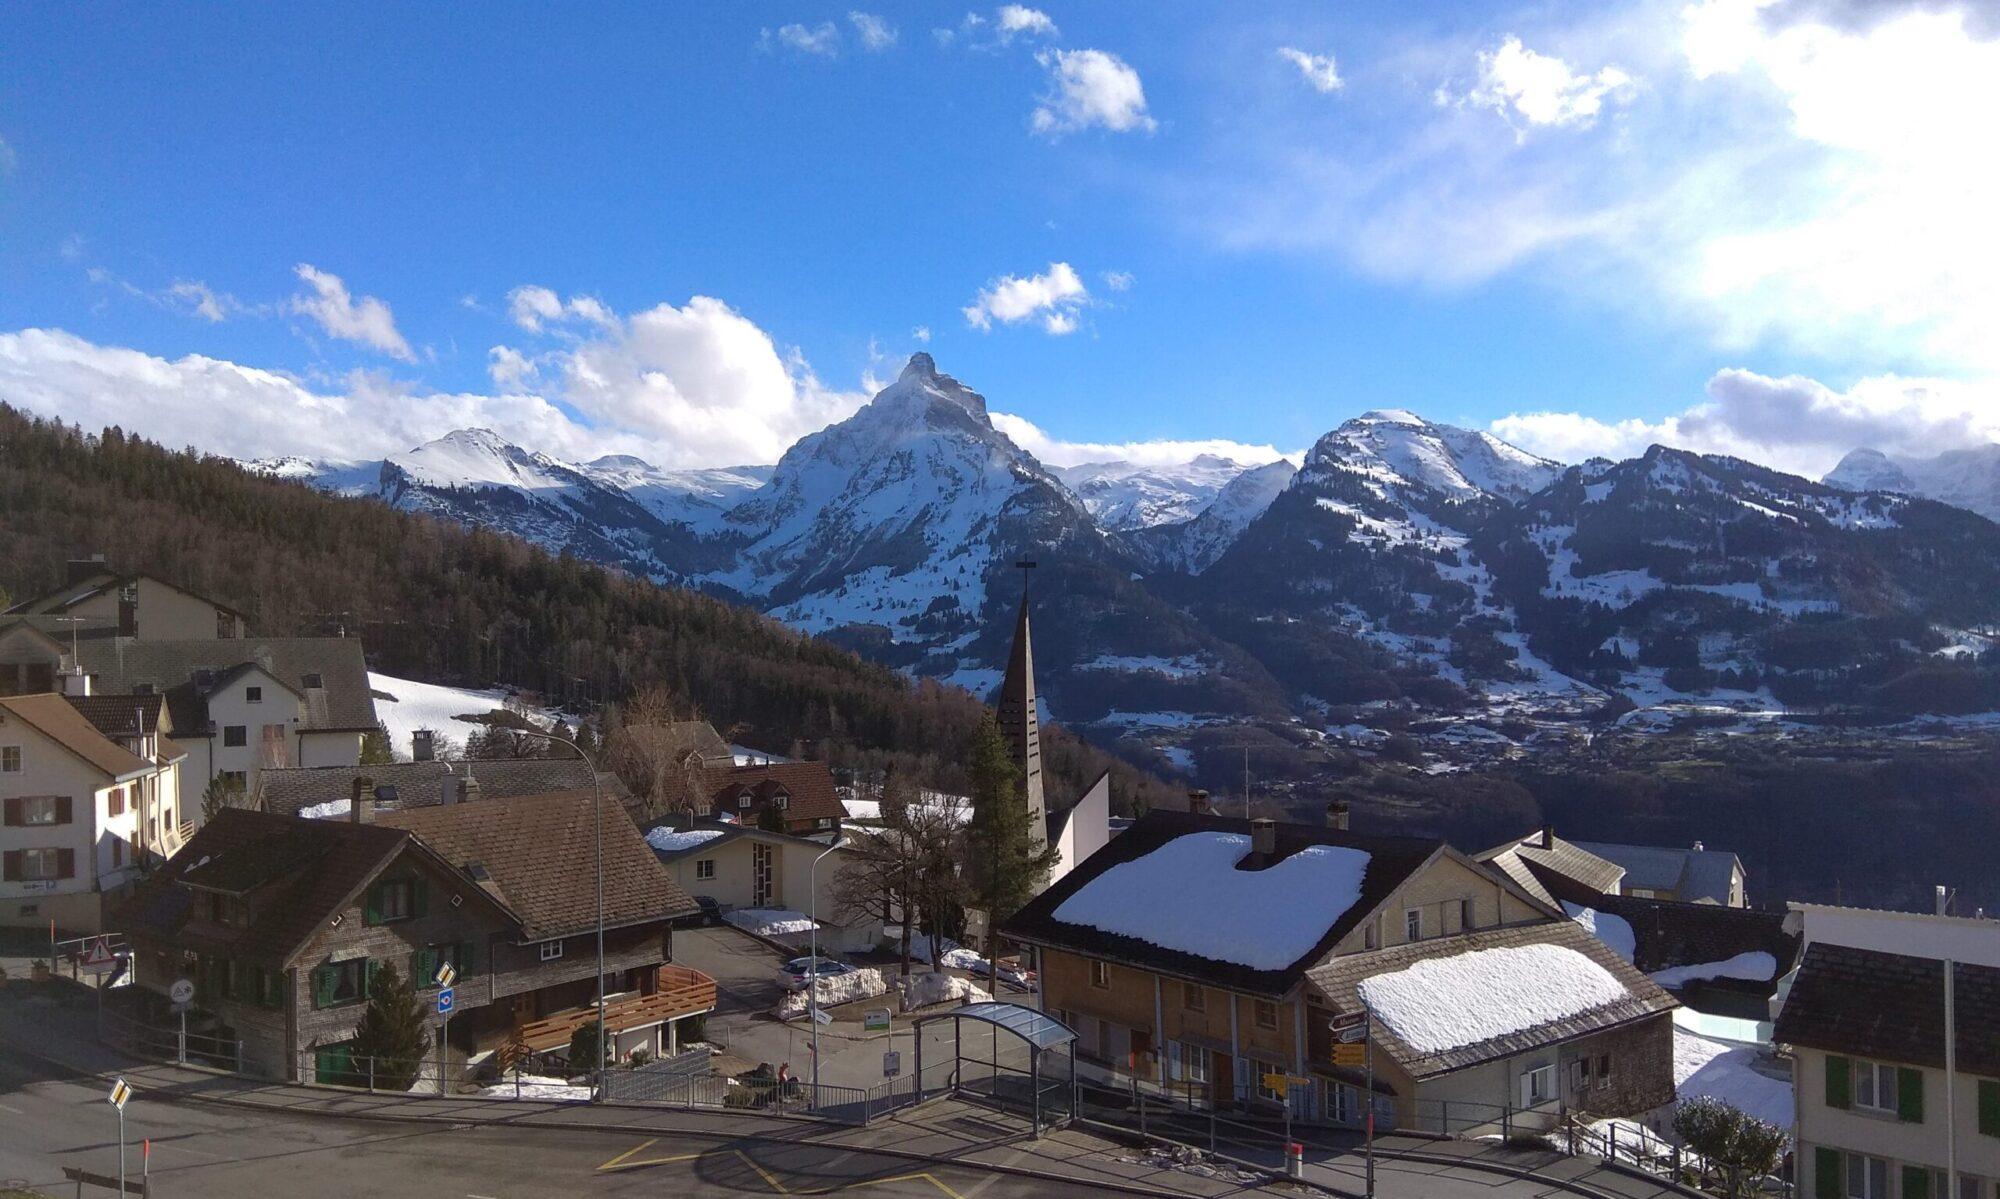 Dachwohnung mit wunderbarer Aussicht auf die Berge